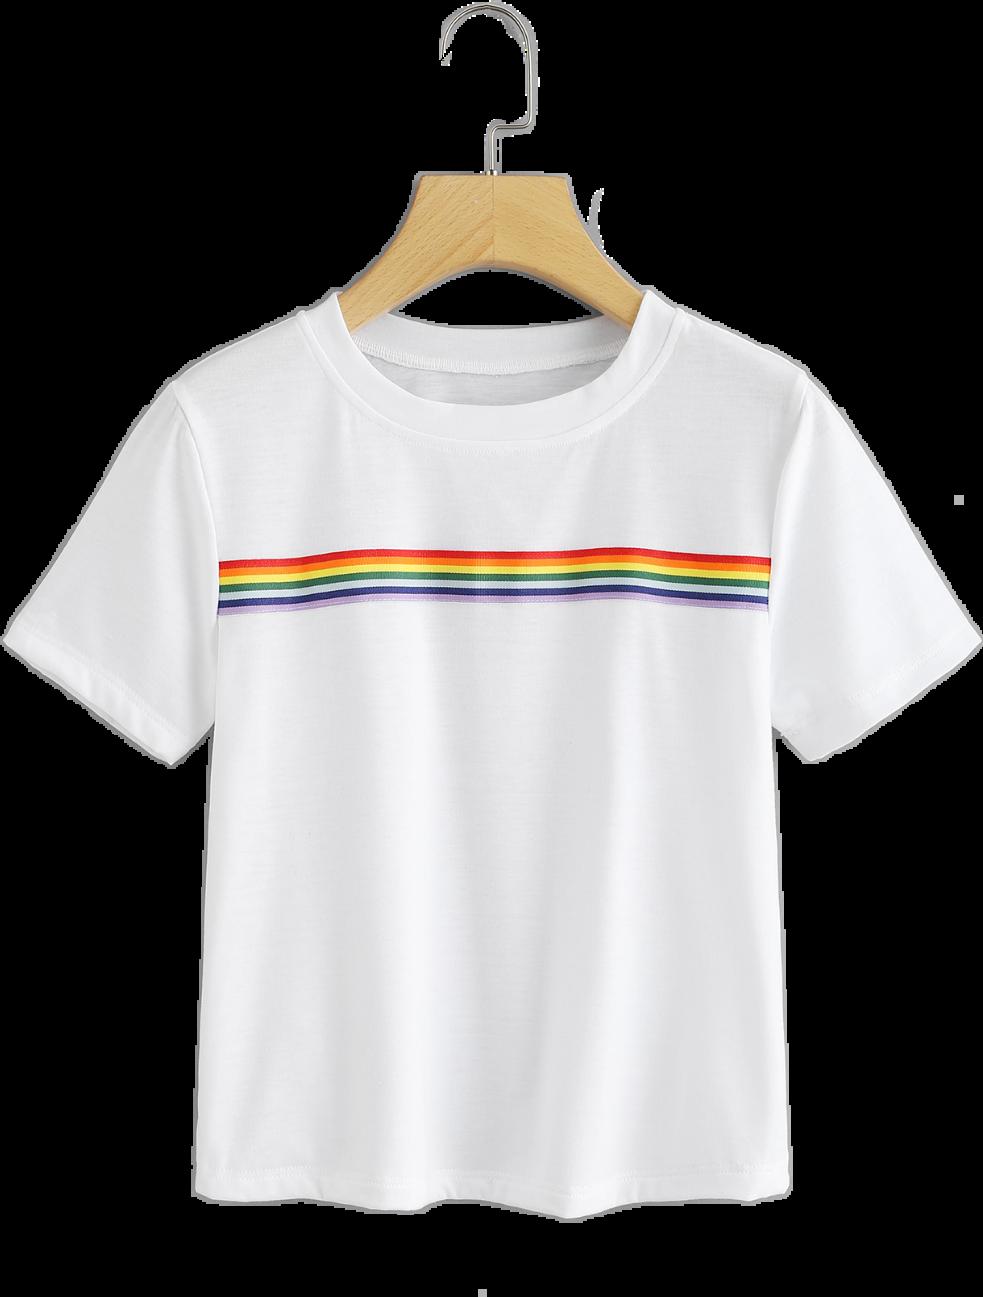 rainbow shirt tshirt top clothes white pride